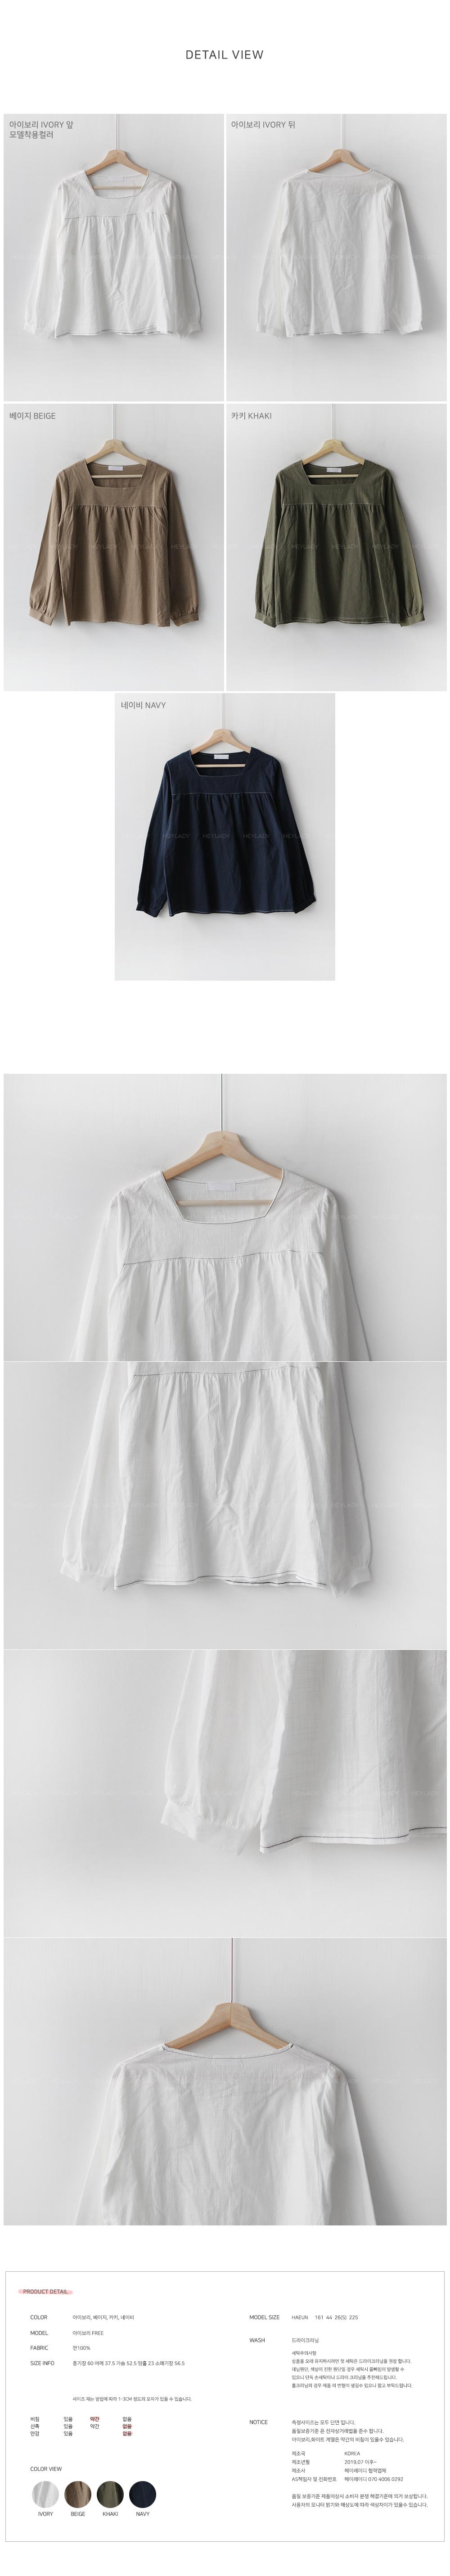 Pins stitch blouse